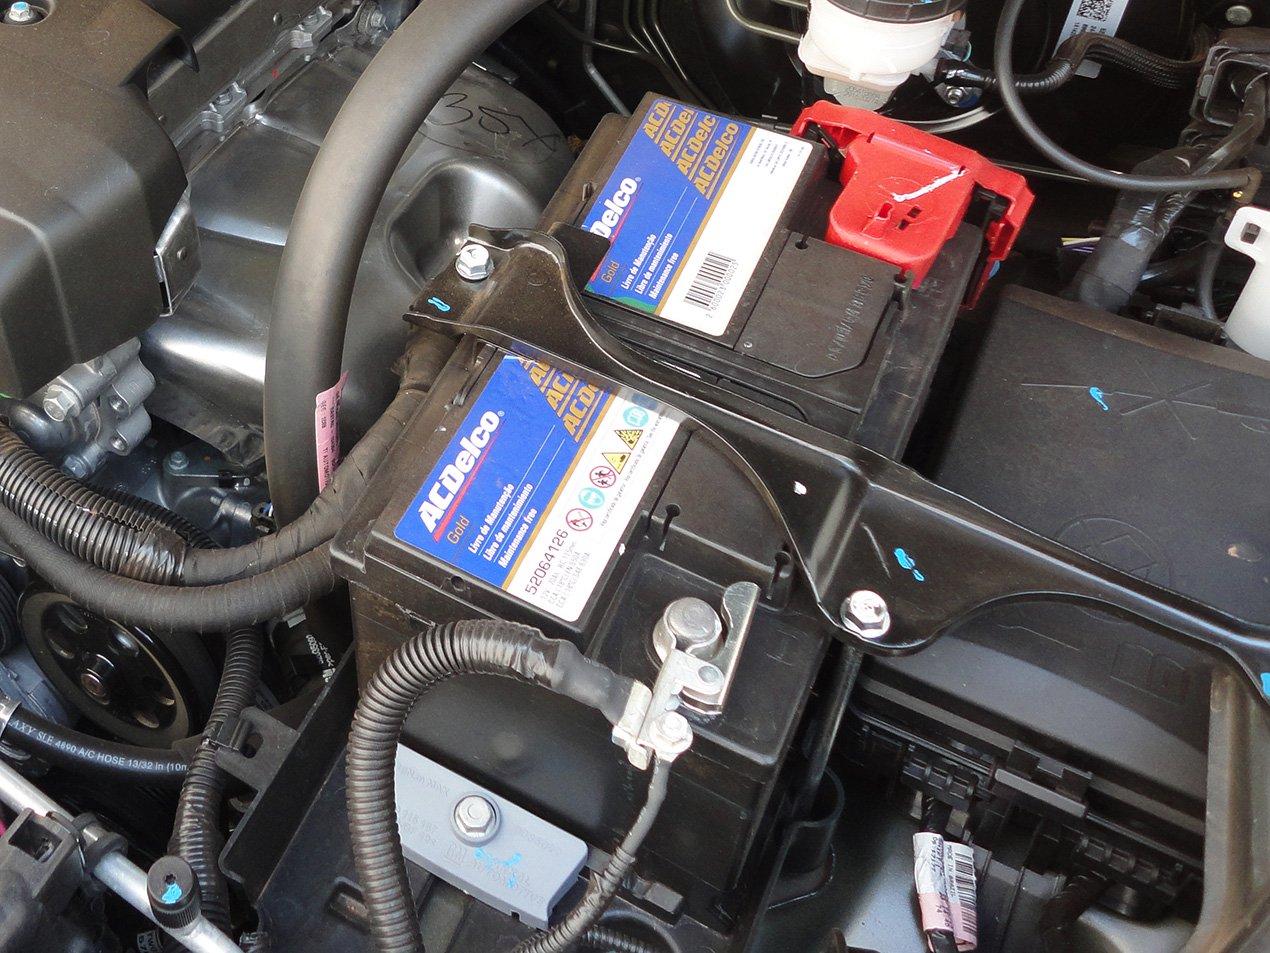 bateria de carro sofre mais no período de frio - foto Alexandre Carneiro